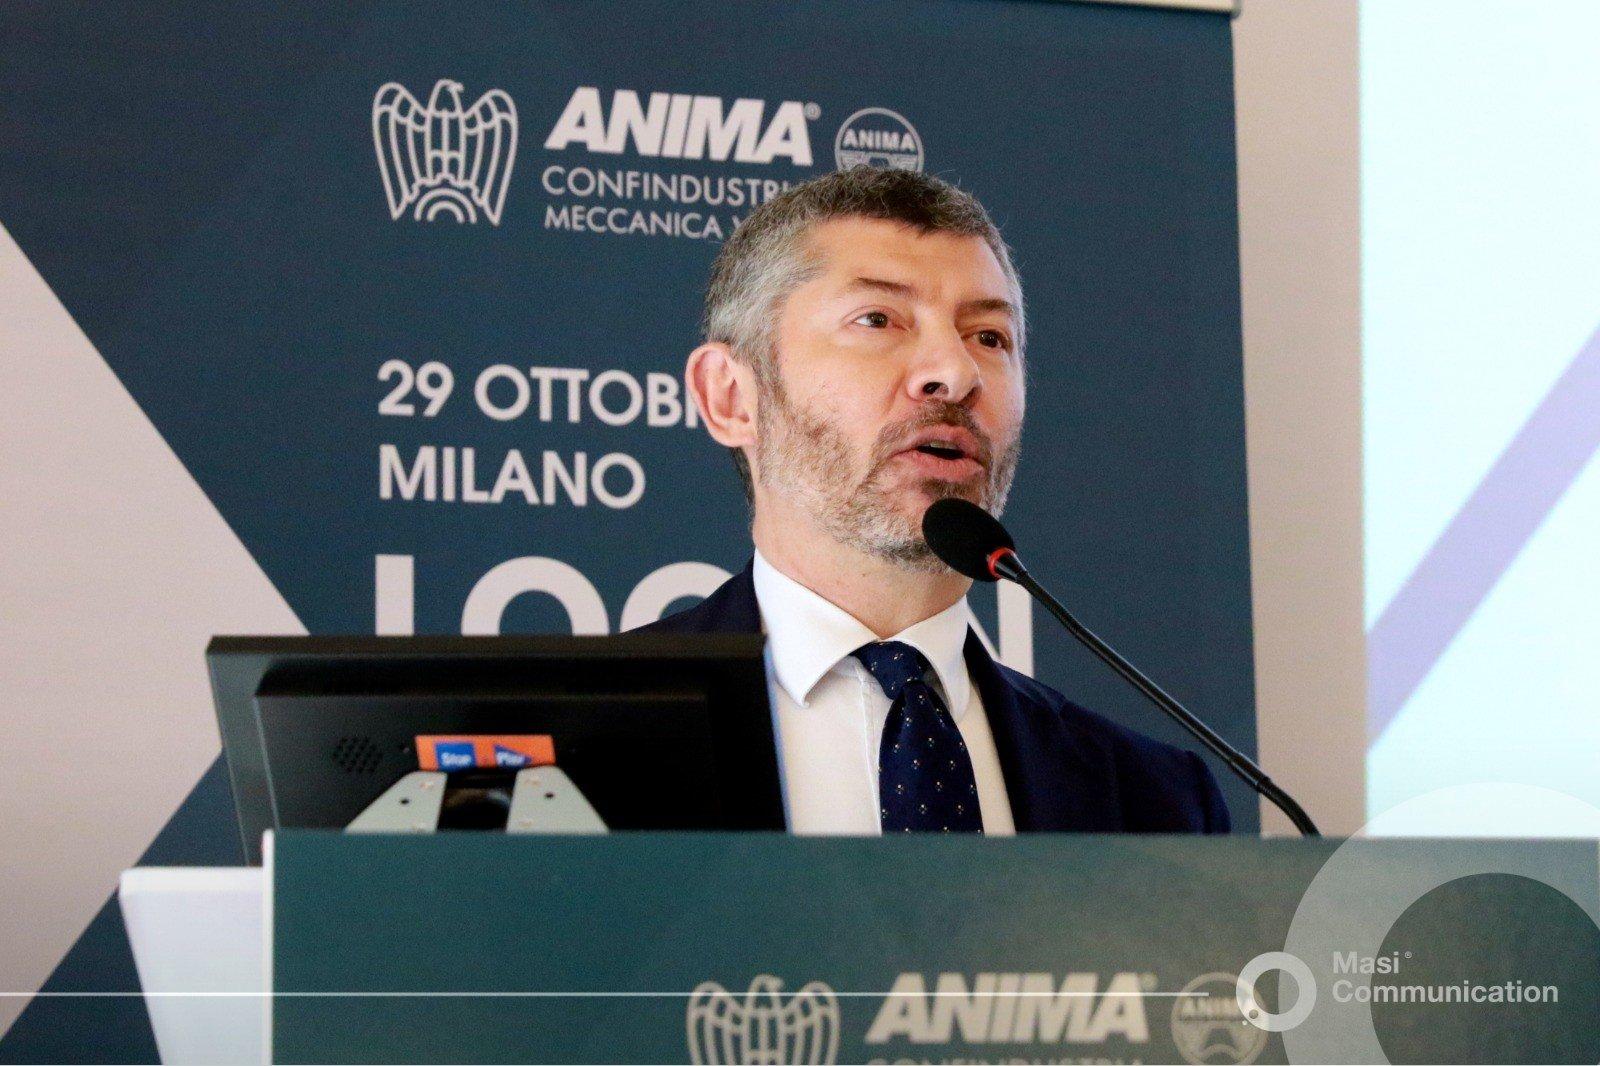 Onorevole Ivan Scalfarotto, Sottosegretario al Ministero degli Affari Esteri e della Cooperazione Internazionale